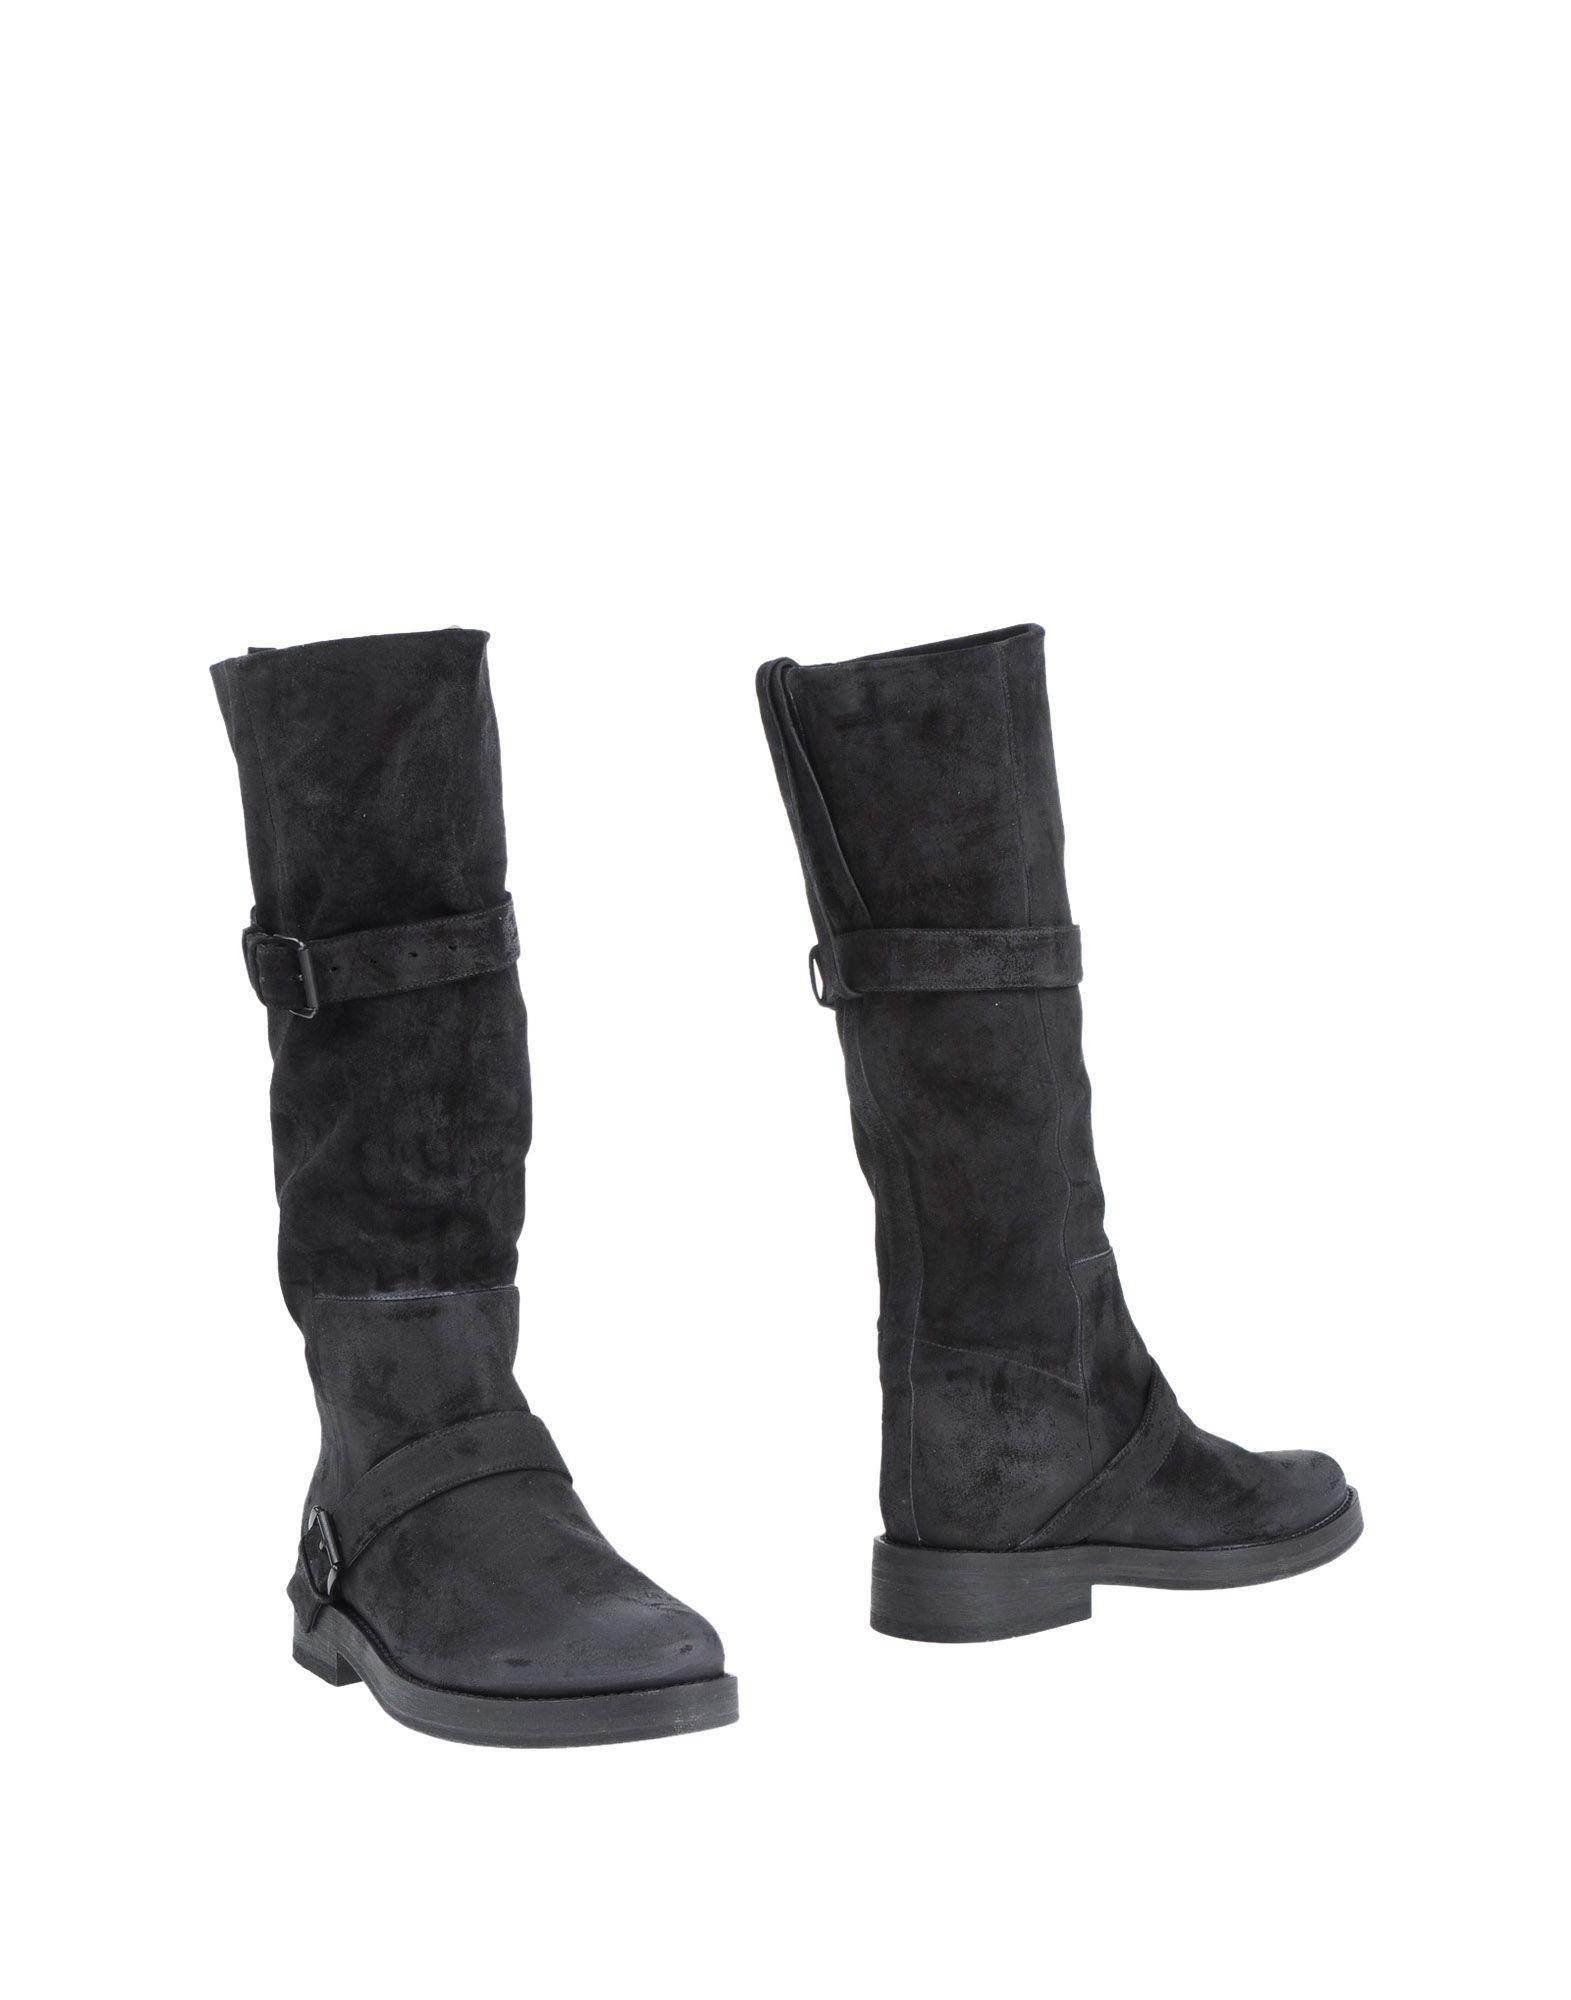 ANN DEMEULEMEESTER レディース ブーツ ブラック 37 革